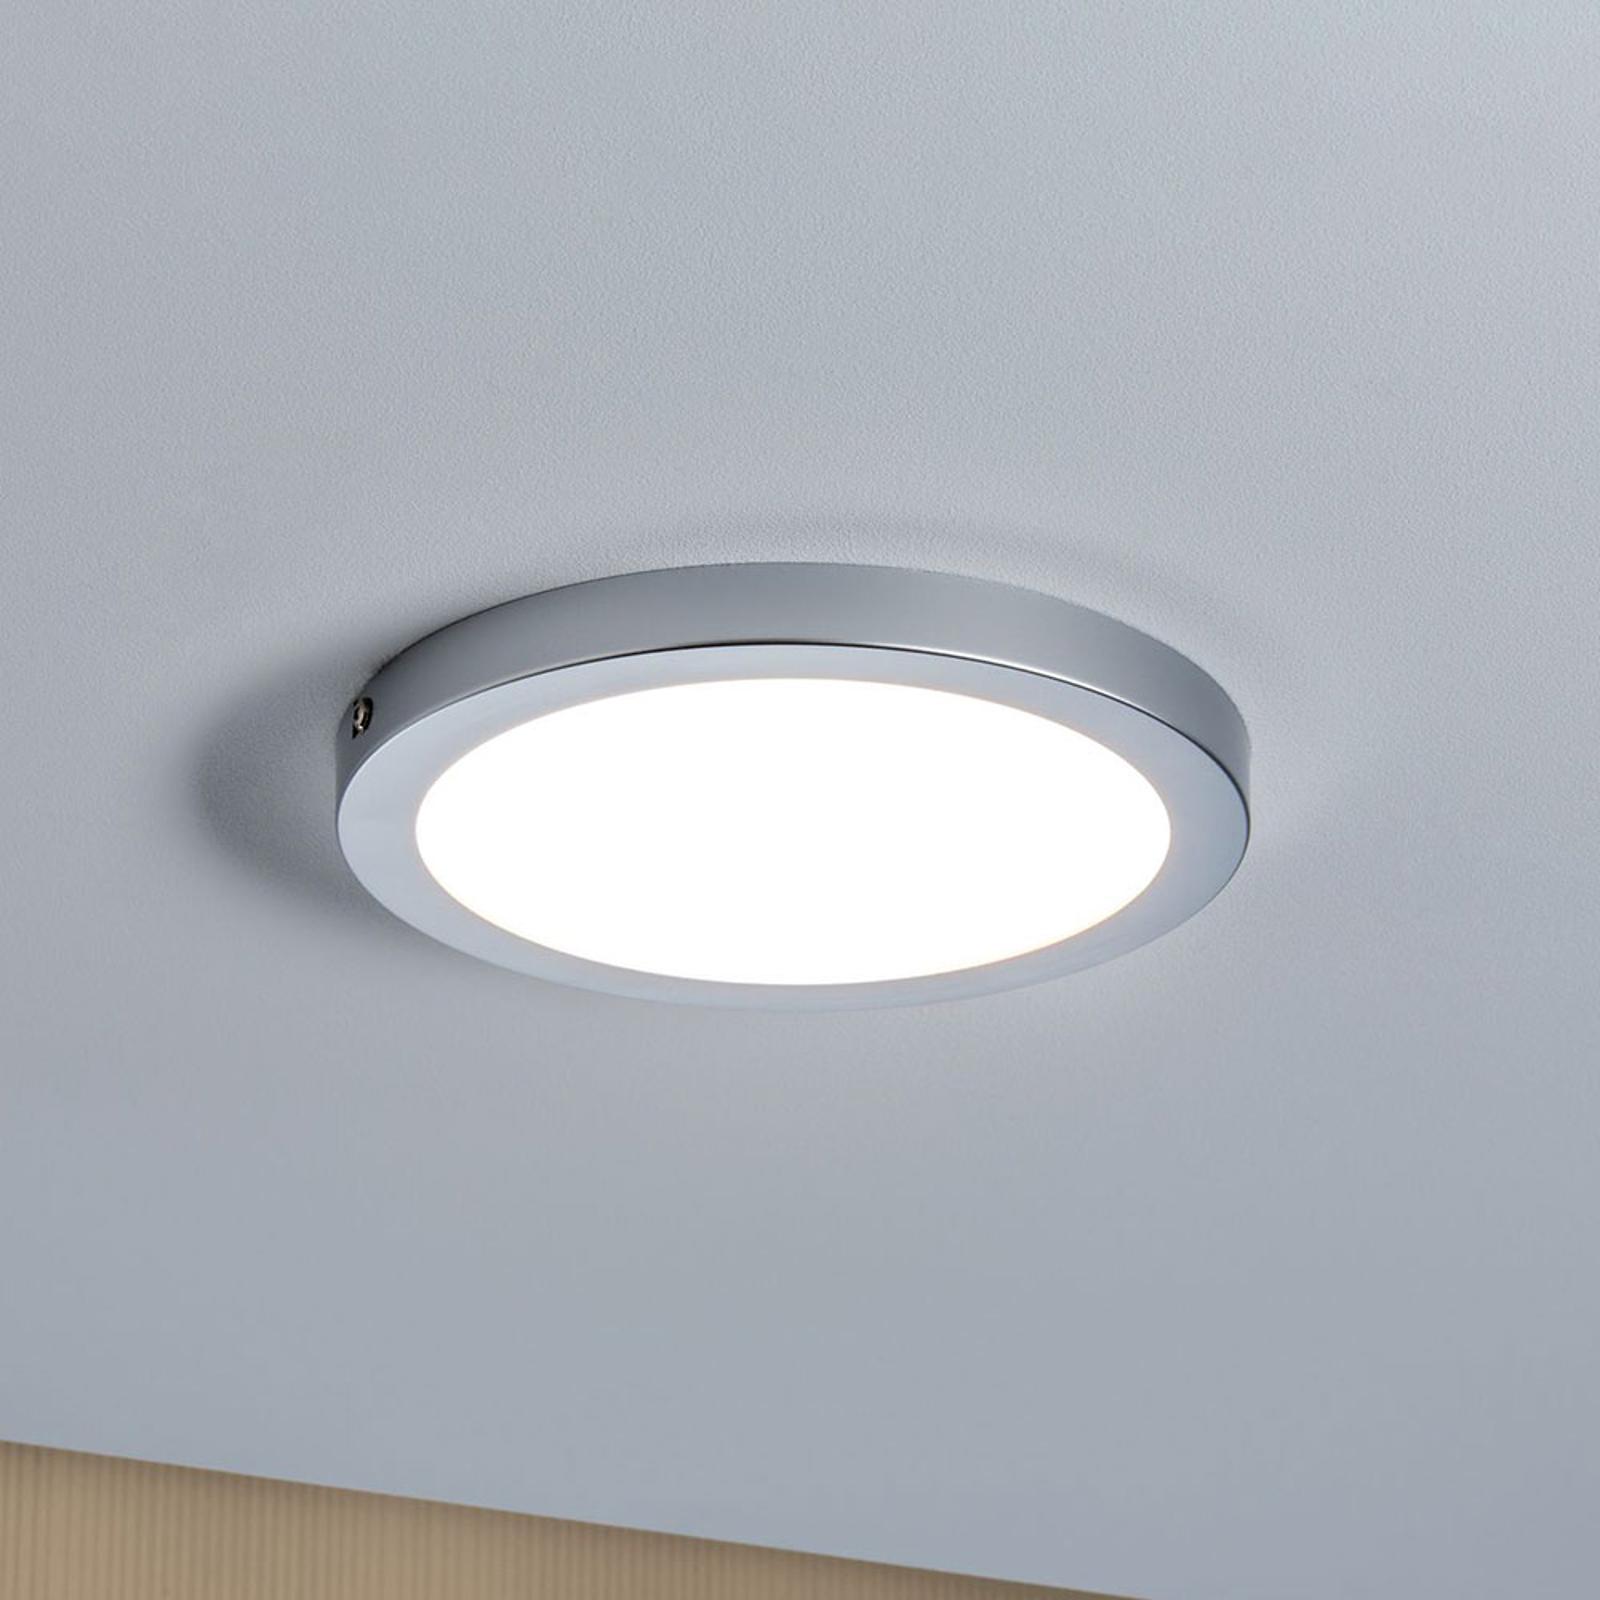 Paulmann Atria LED plafondlamp Ø 22cm chroom